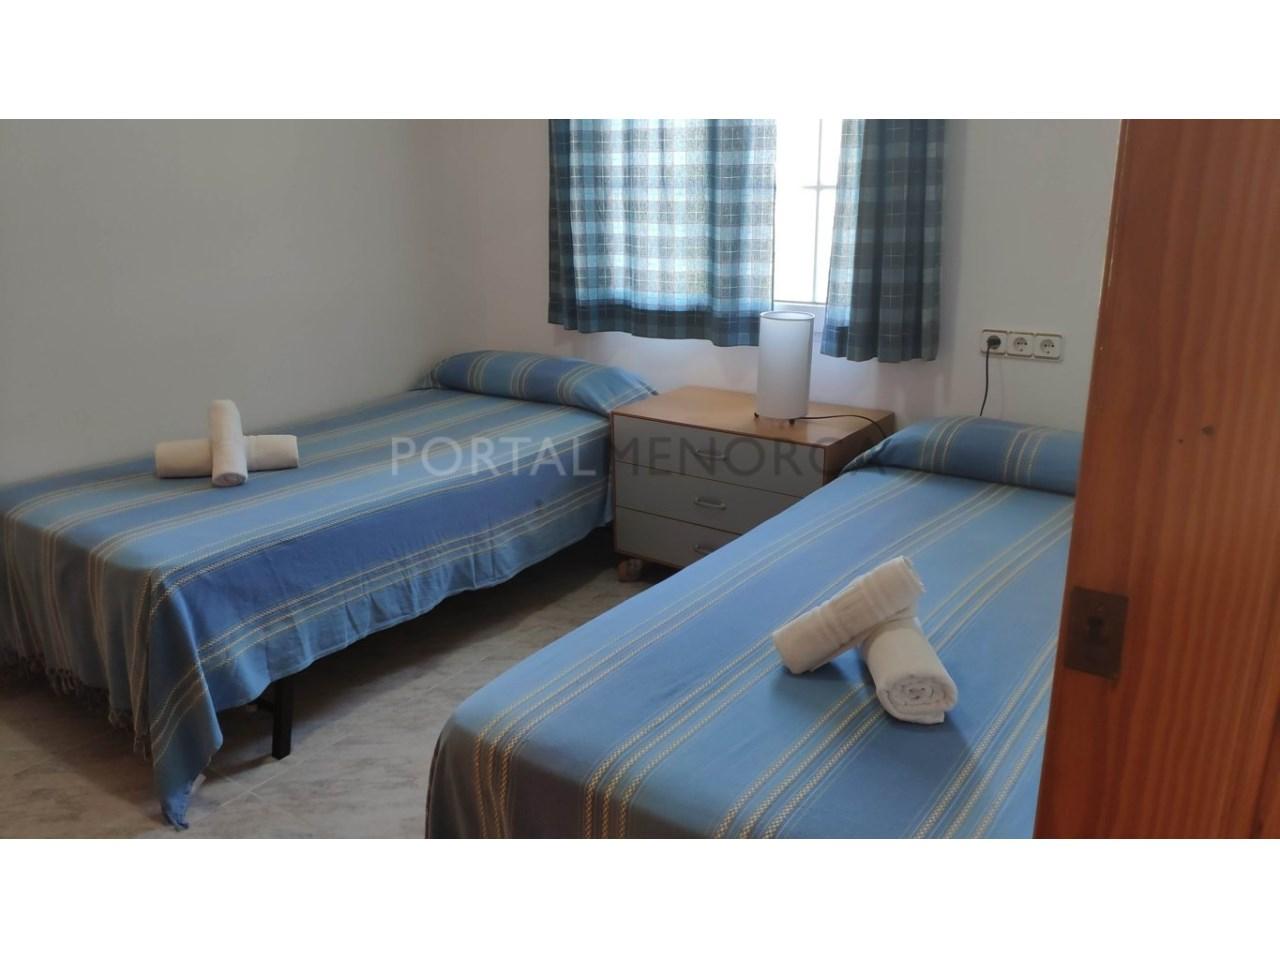 Chalet en venta en Calan Blanes con licencia turística Ciutadella Menorca - dormitorio en plana baja azul